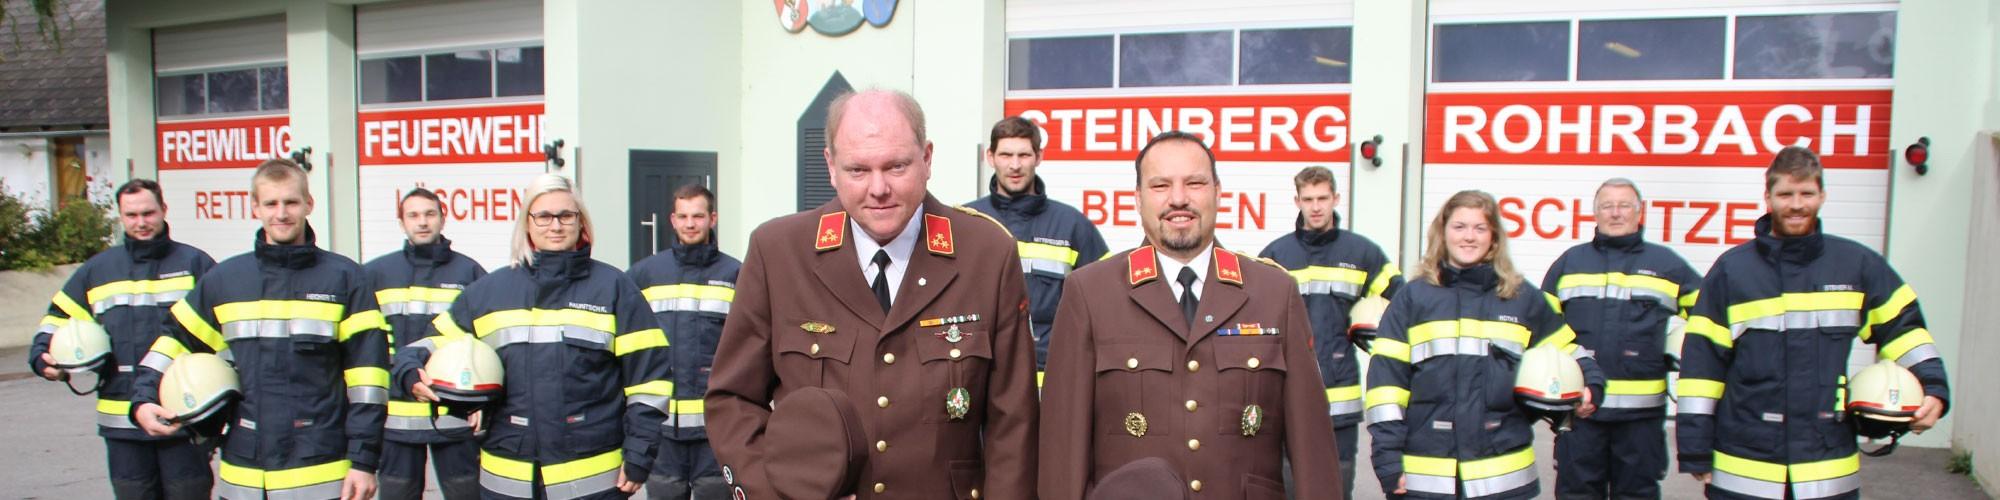 Feuerwehr Steinberg